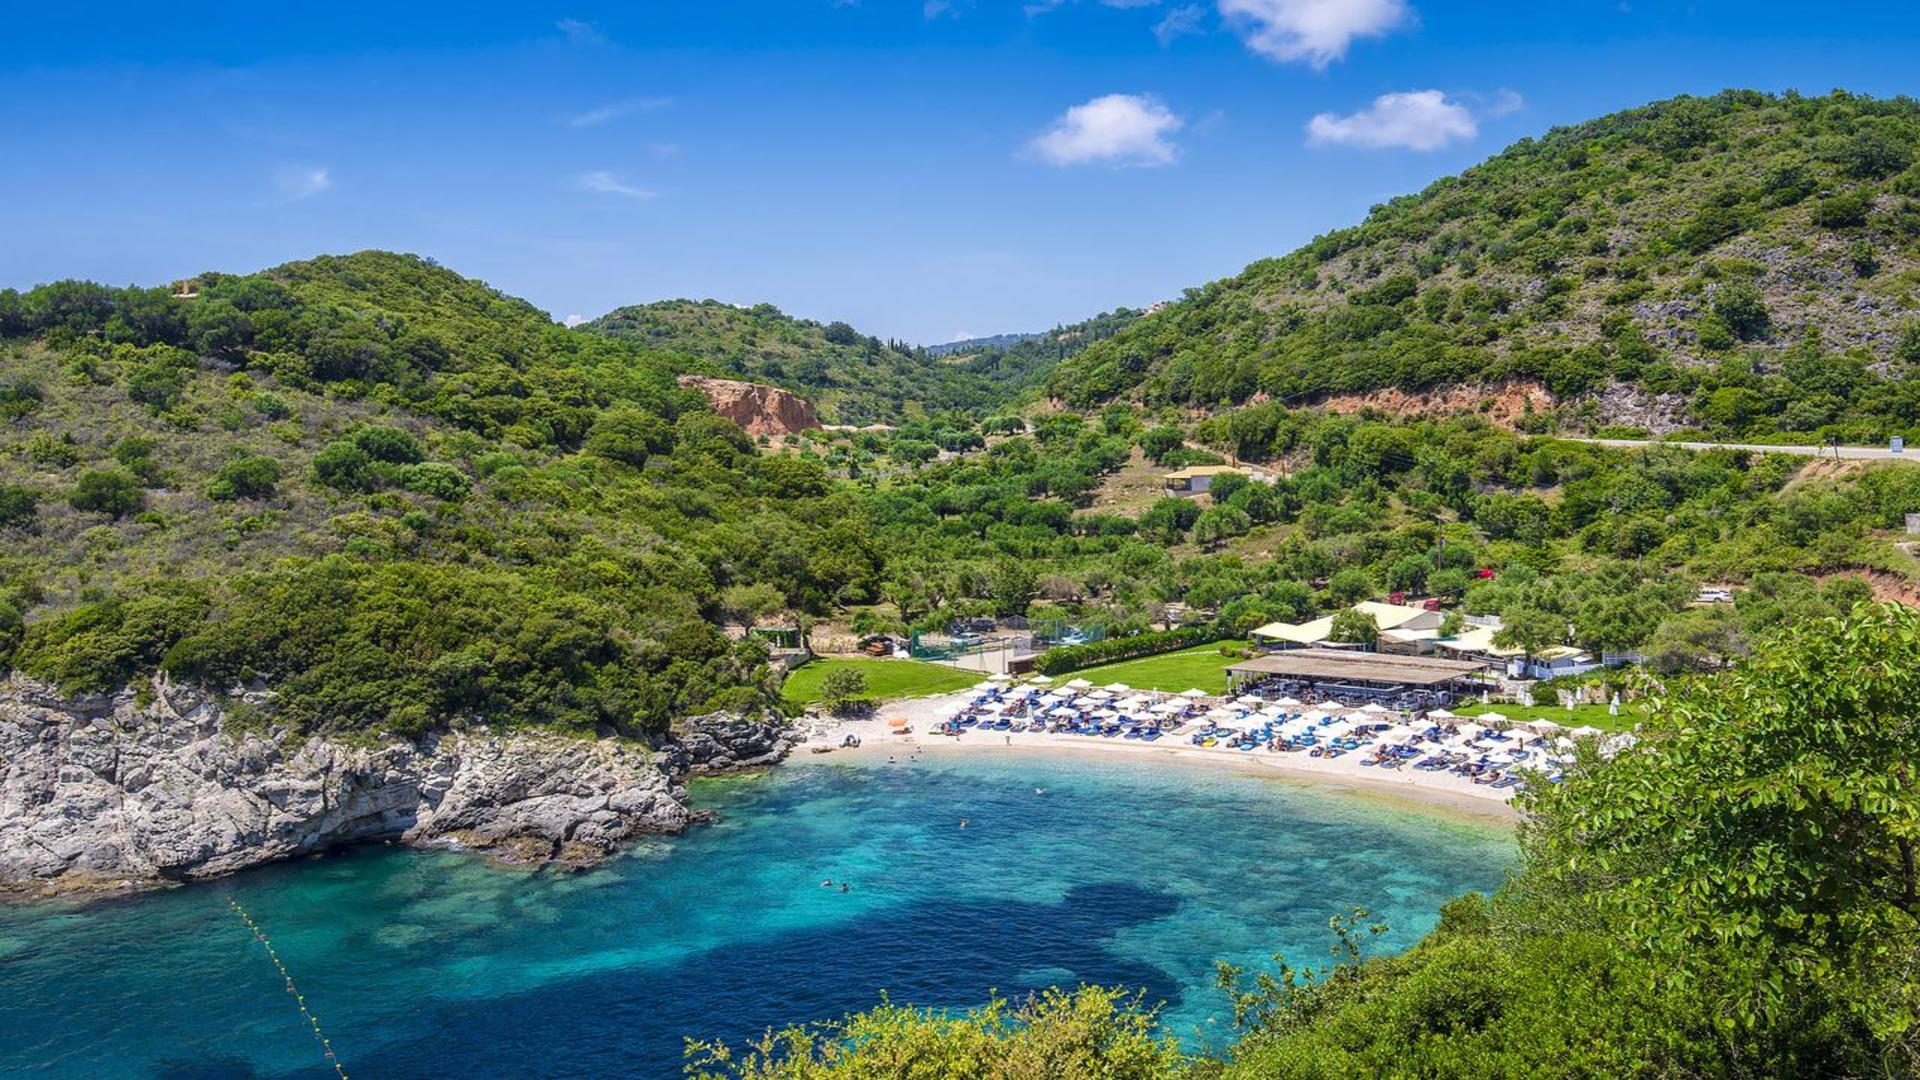 Strand omringd door blauw water en groene bomen op de heuvels, Albatros, Epirus, Griekenland